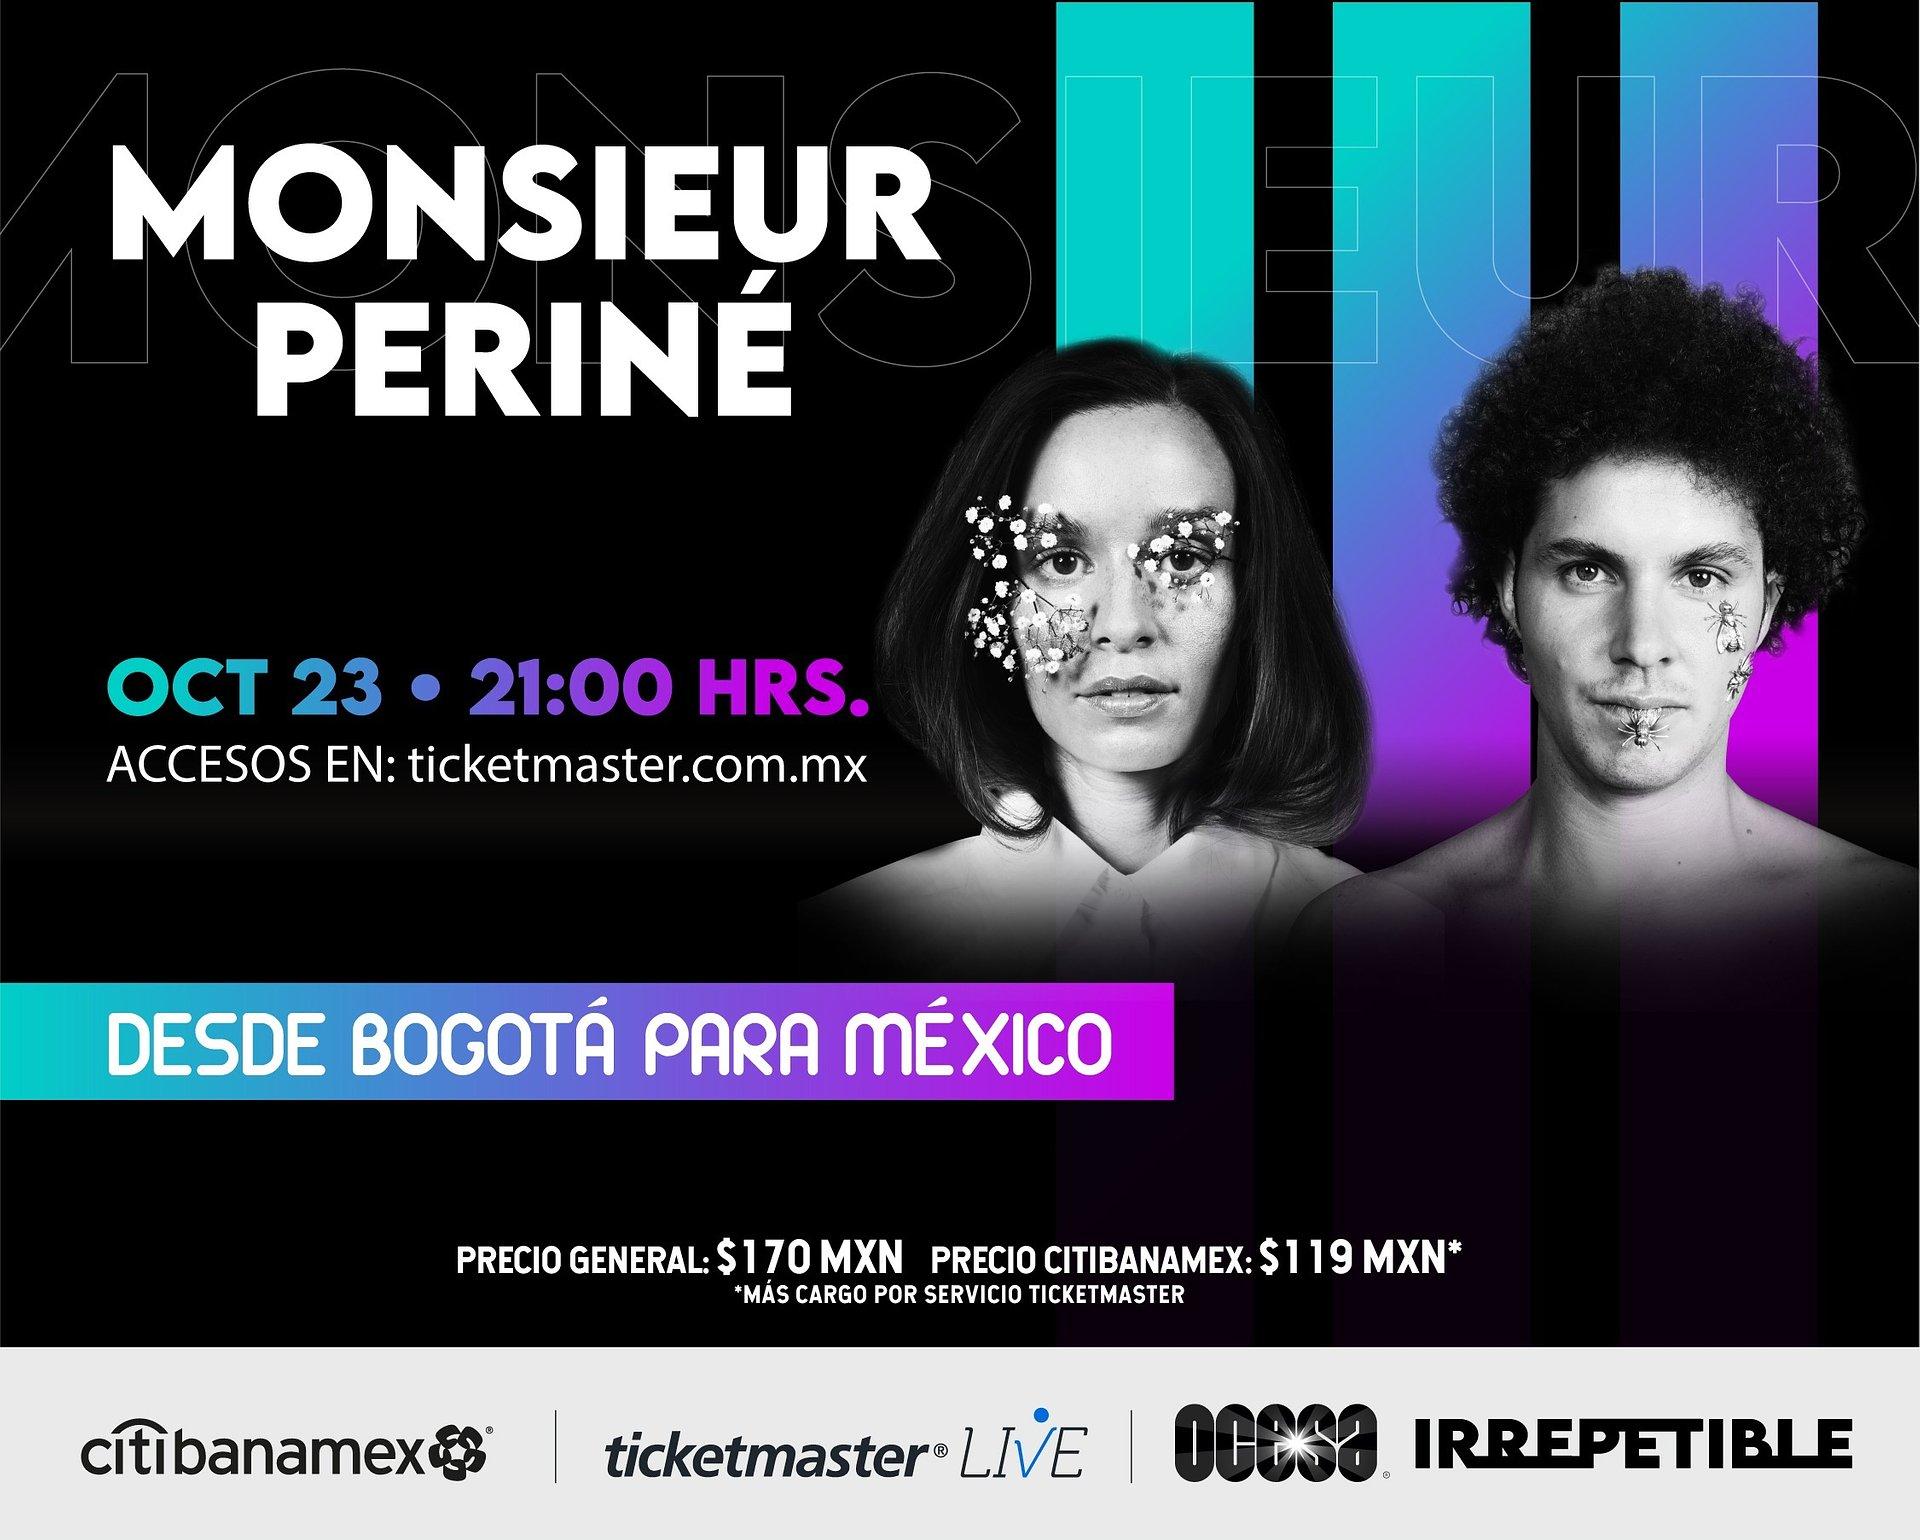 ¡Desde Bogotá para México! Monsieur Periné ofrecerá un show IRREPETIBLE